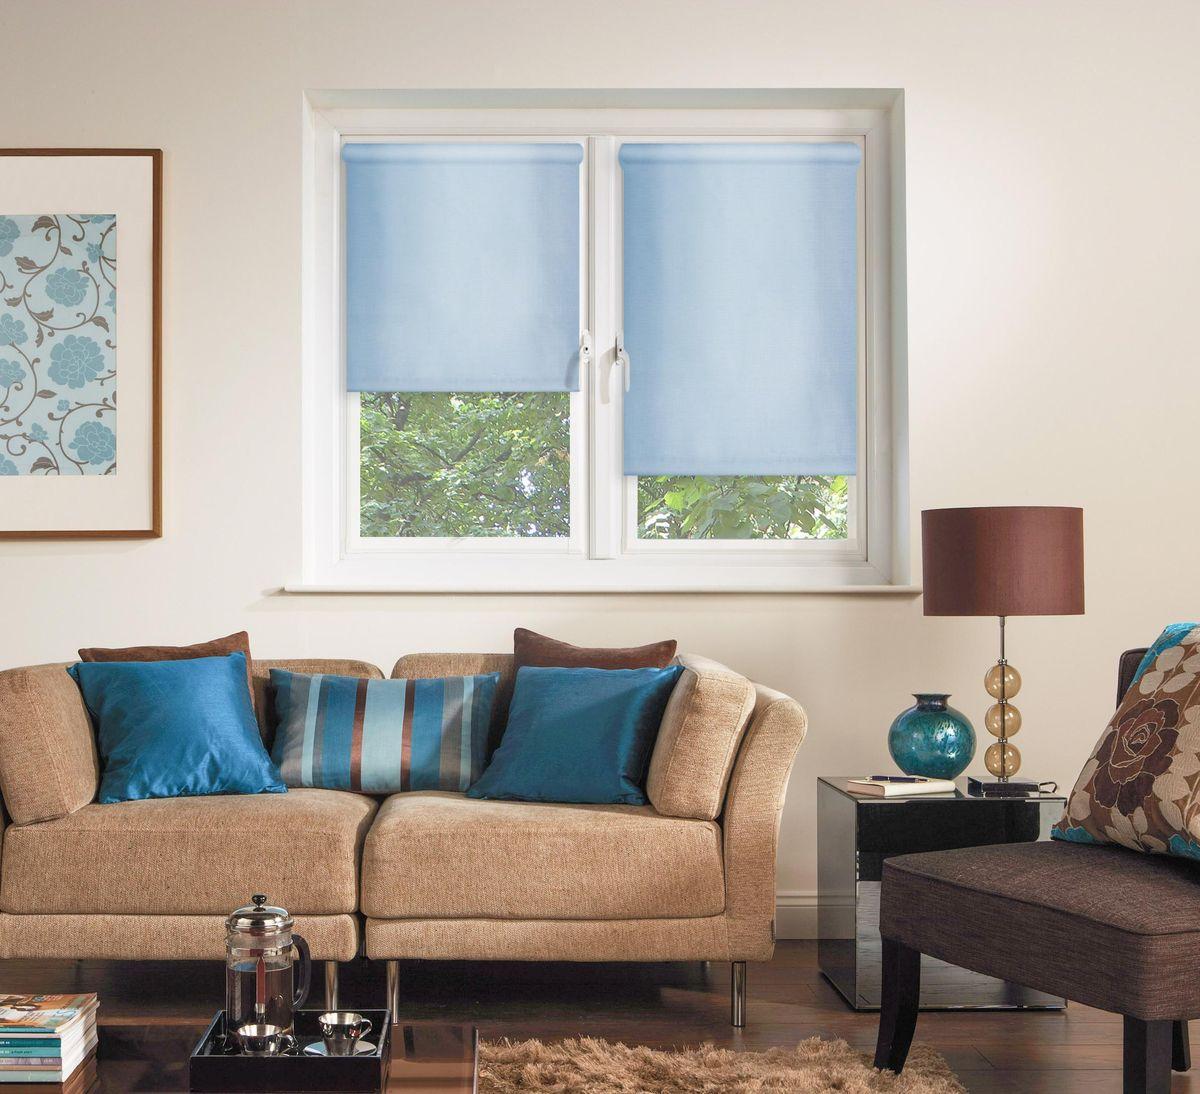 Штора рулонная Эскар, цвет: голубой, ширина 120 см, высота 170 см81005120170Рулонными шторами можно оформлять окна как самостоятельно, так и использовать в комбинации с портьерами. Это поможет предотвратить выгорание дорогой ткани на солнце и соединит функционал рулонных с красотой навесных.Преимущества применения рулонных штор для пластиковых окон:- имеют прекрасный внешний вид: многообразие и фактурность материала изделия отлично смотрятся в любом интерьере; - многофункциональны: есть возможность подобрать шторы способные эффективно защитить комнату от солнца, при этом о на не будет слишком темной. - Есть возможность осуществить быстрый монтаж. ВНИМАНИЕ! Размеры ширины изделия указаны по ширине ткани!Во время эксплуатации не рекомендуется полностью разматывать рулон, чтобы не оторвать ткань от намоточного вала.В случае загрязнения поверхности ткани, чистку шторы проводят одним из способов, в зависимости от типа загрязнения: легкое поверхностное загрязнение можно удалить при помощи канцелярского ластика; чистка от пыли производится сухим методом при помощи пылесоса с мягкой щеткой-насадкой; для удаления пятна используйте мягкую губку с пенообразующим неагрессивным моющим средством или пятновыводитель на натуральной основе (нельзя применять растворители).